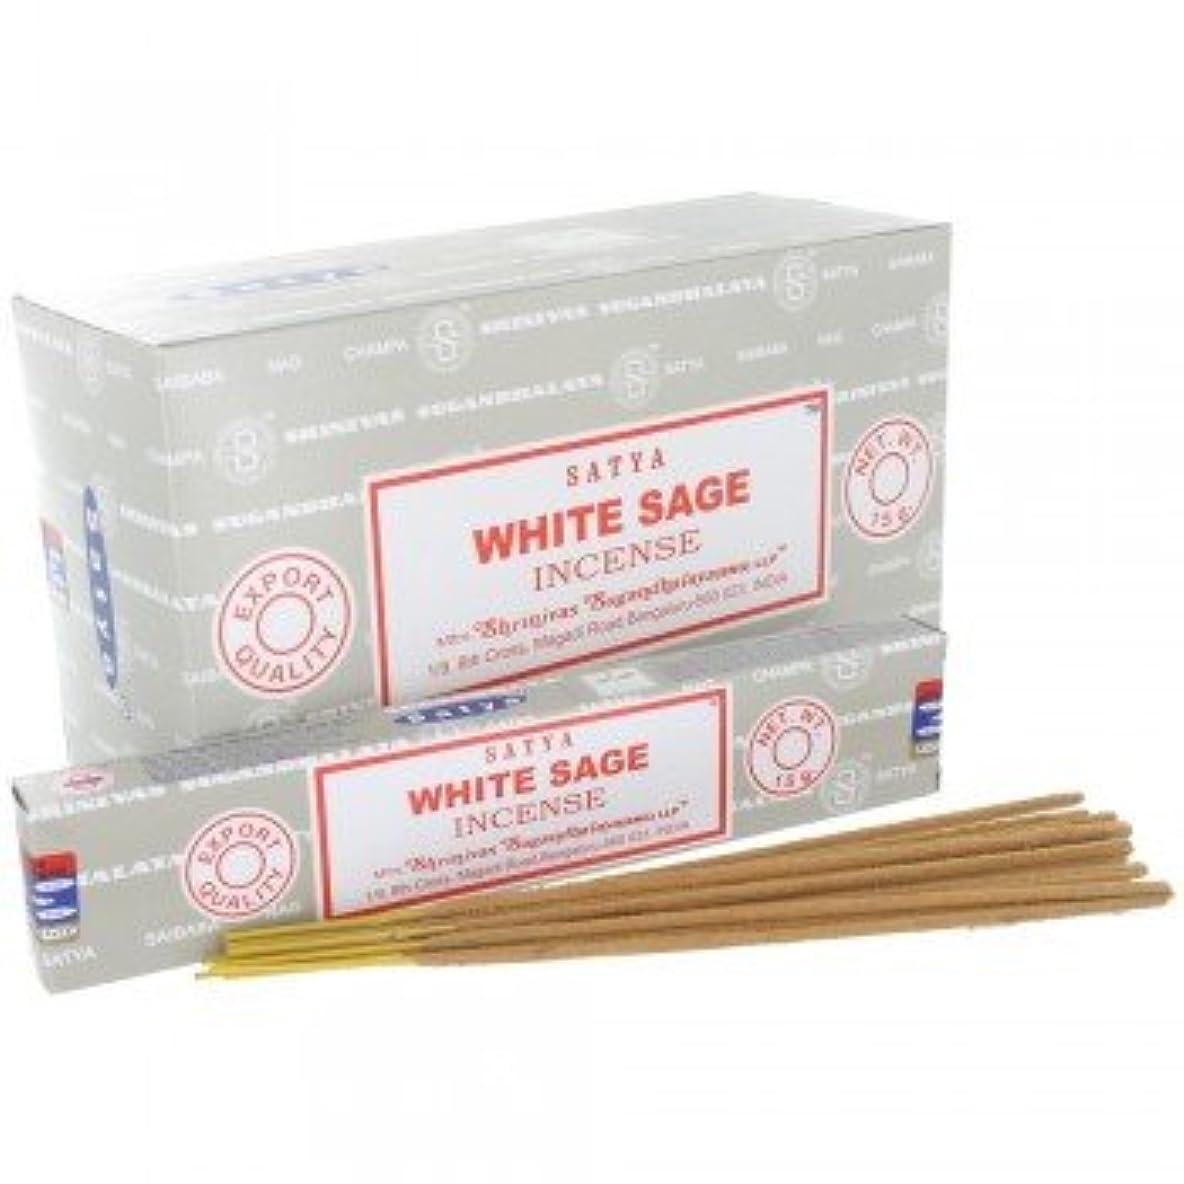 レンディション神経州SATYA WHITE SAGE ホワイトセージ 聖なる樹 浄化 お香 スティック 約15g入 (1個) [並行輸入品]